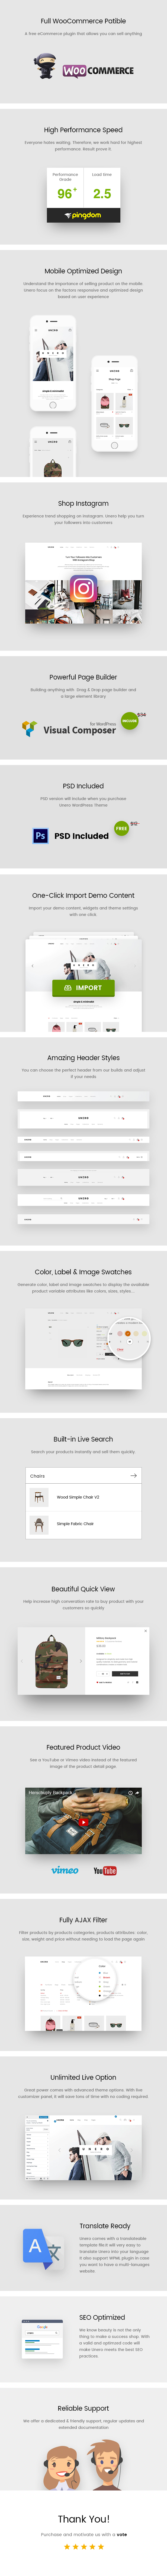 Unero - موضوع AJAX WooCommerce WordPress البسيط - 10